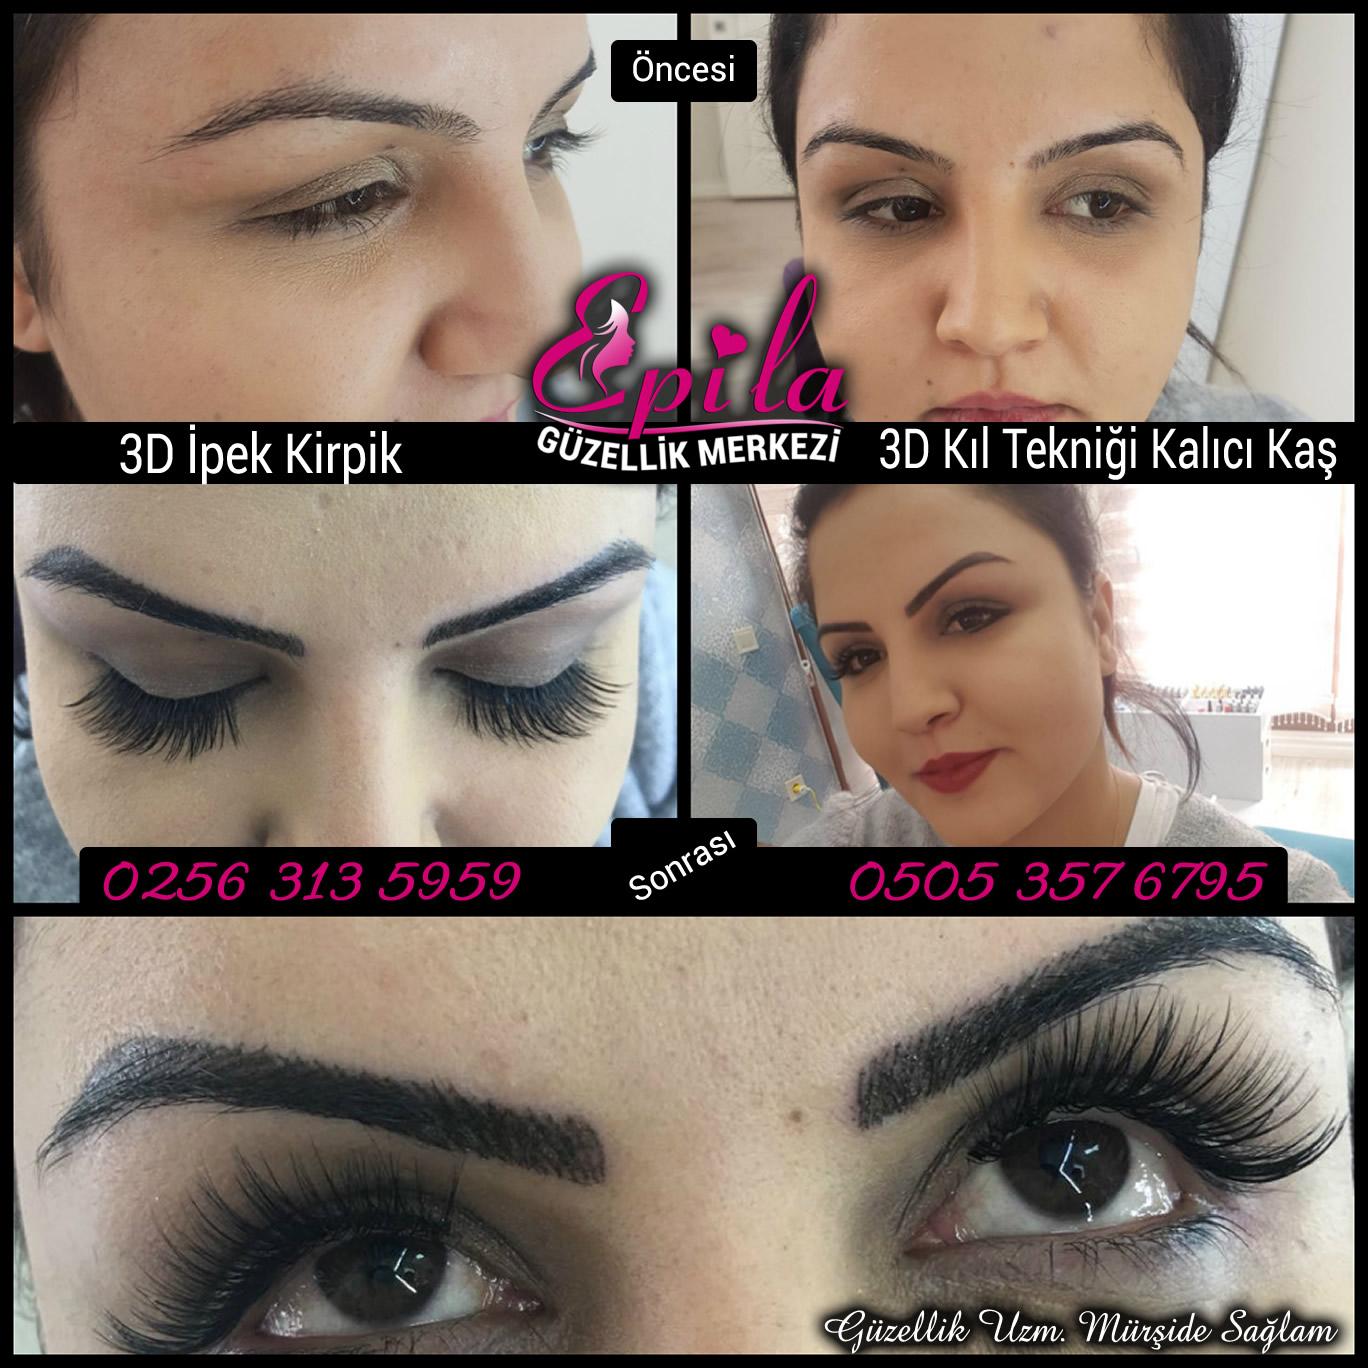 Epila-Güzellik-3D-kalici-kas103